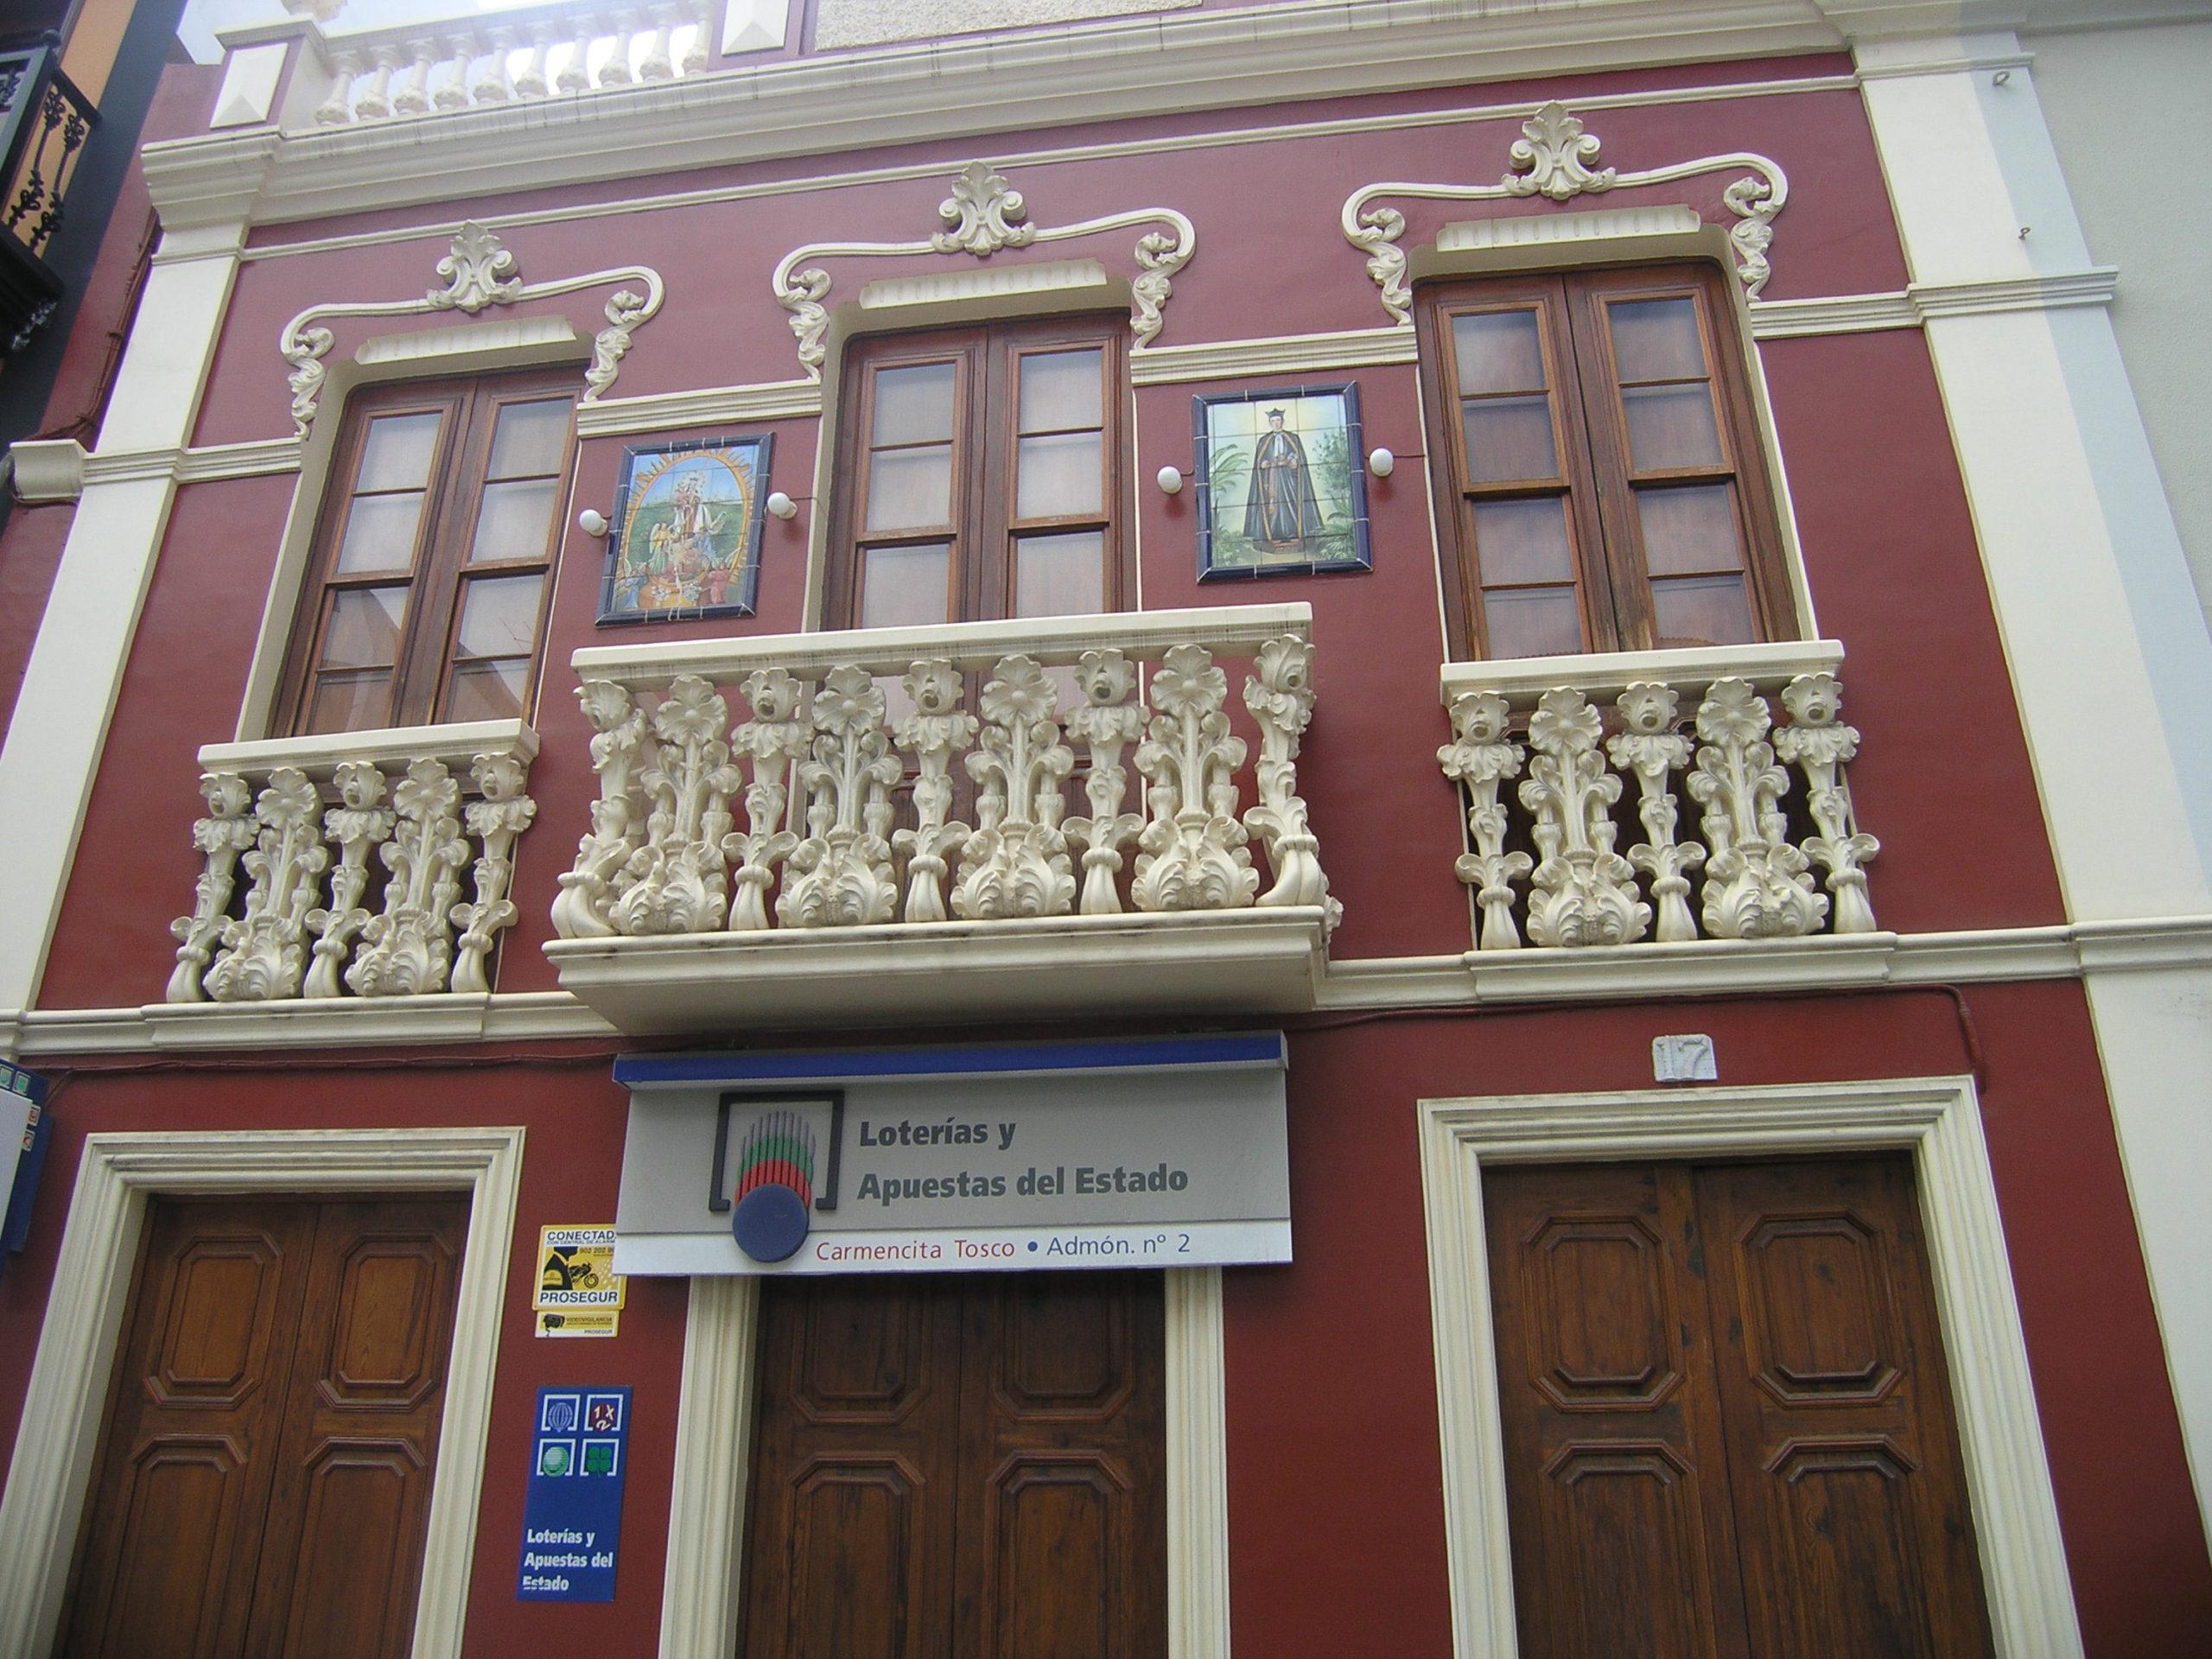 Budynek z czerwoną elewacją